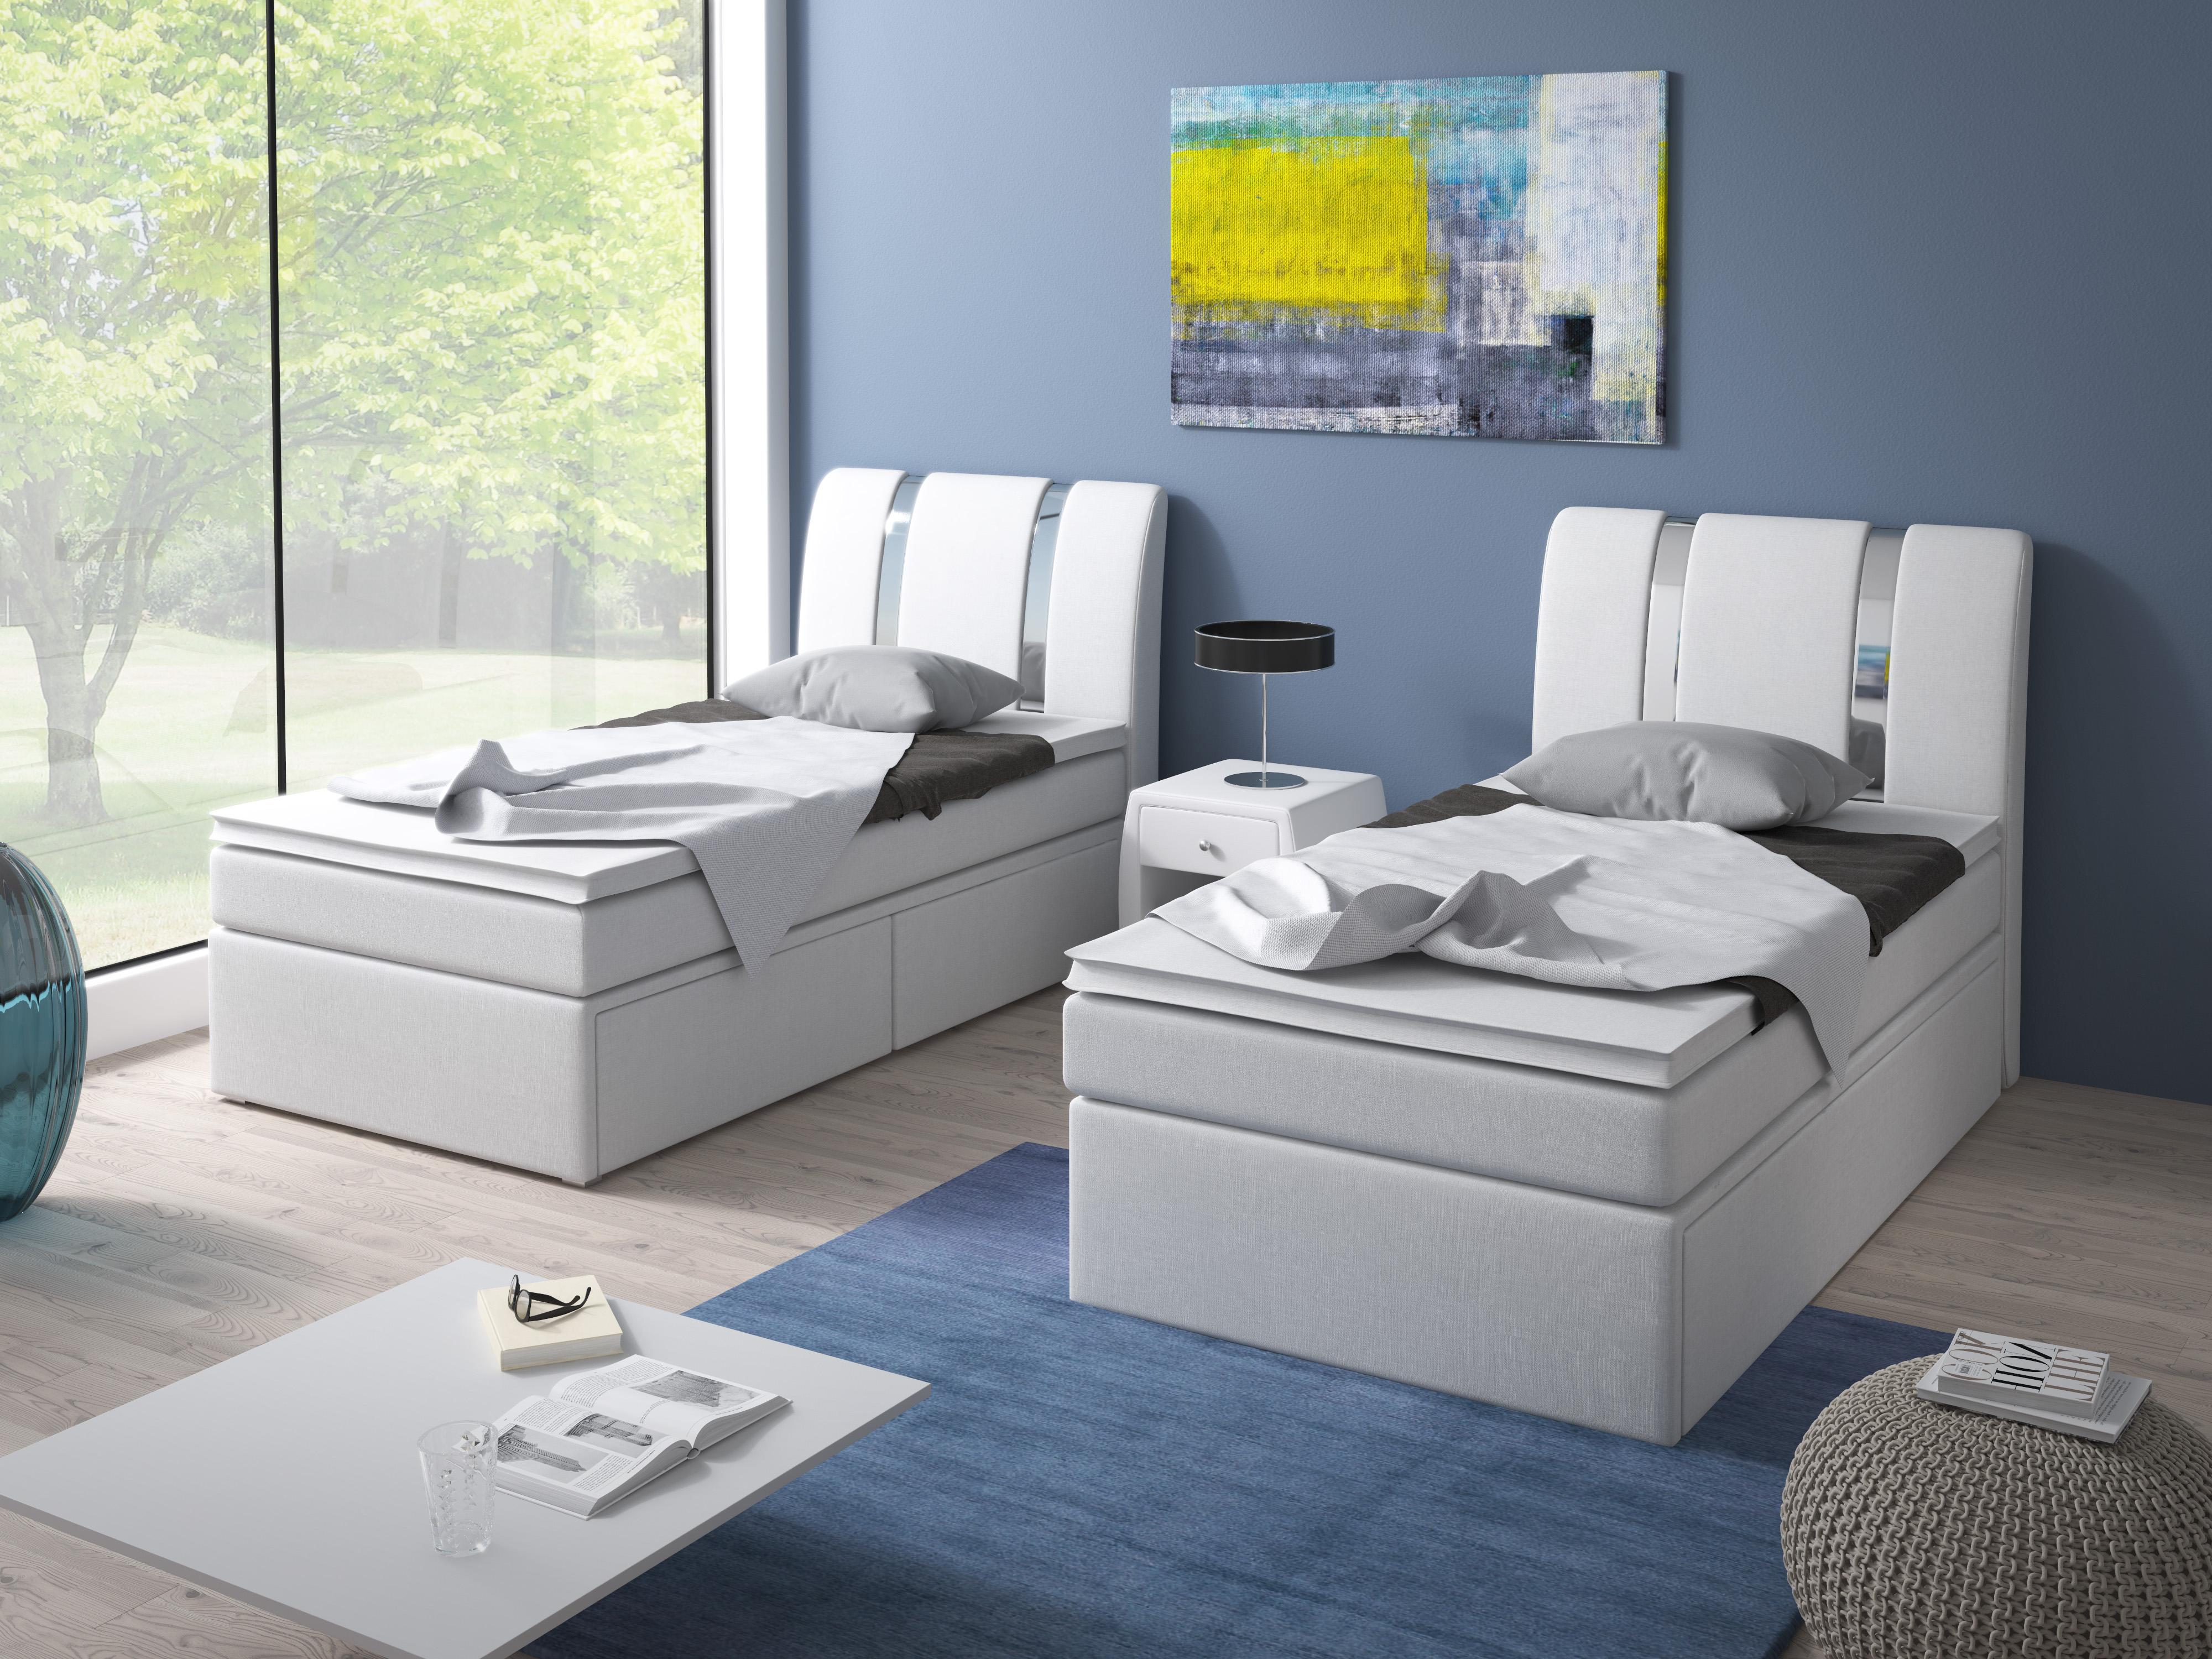 zur ck n chste. Black Bedroom Furniture Sets. Home Design Ideas